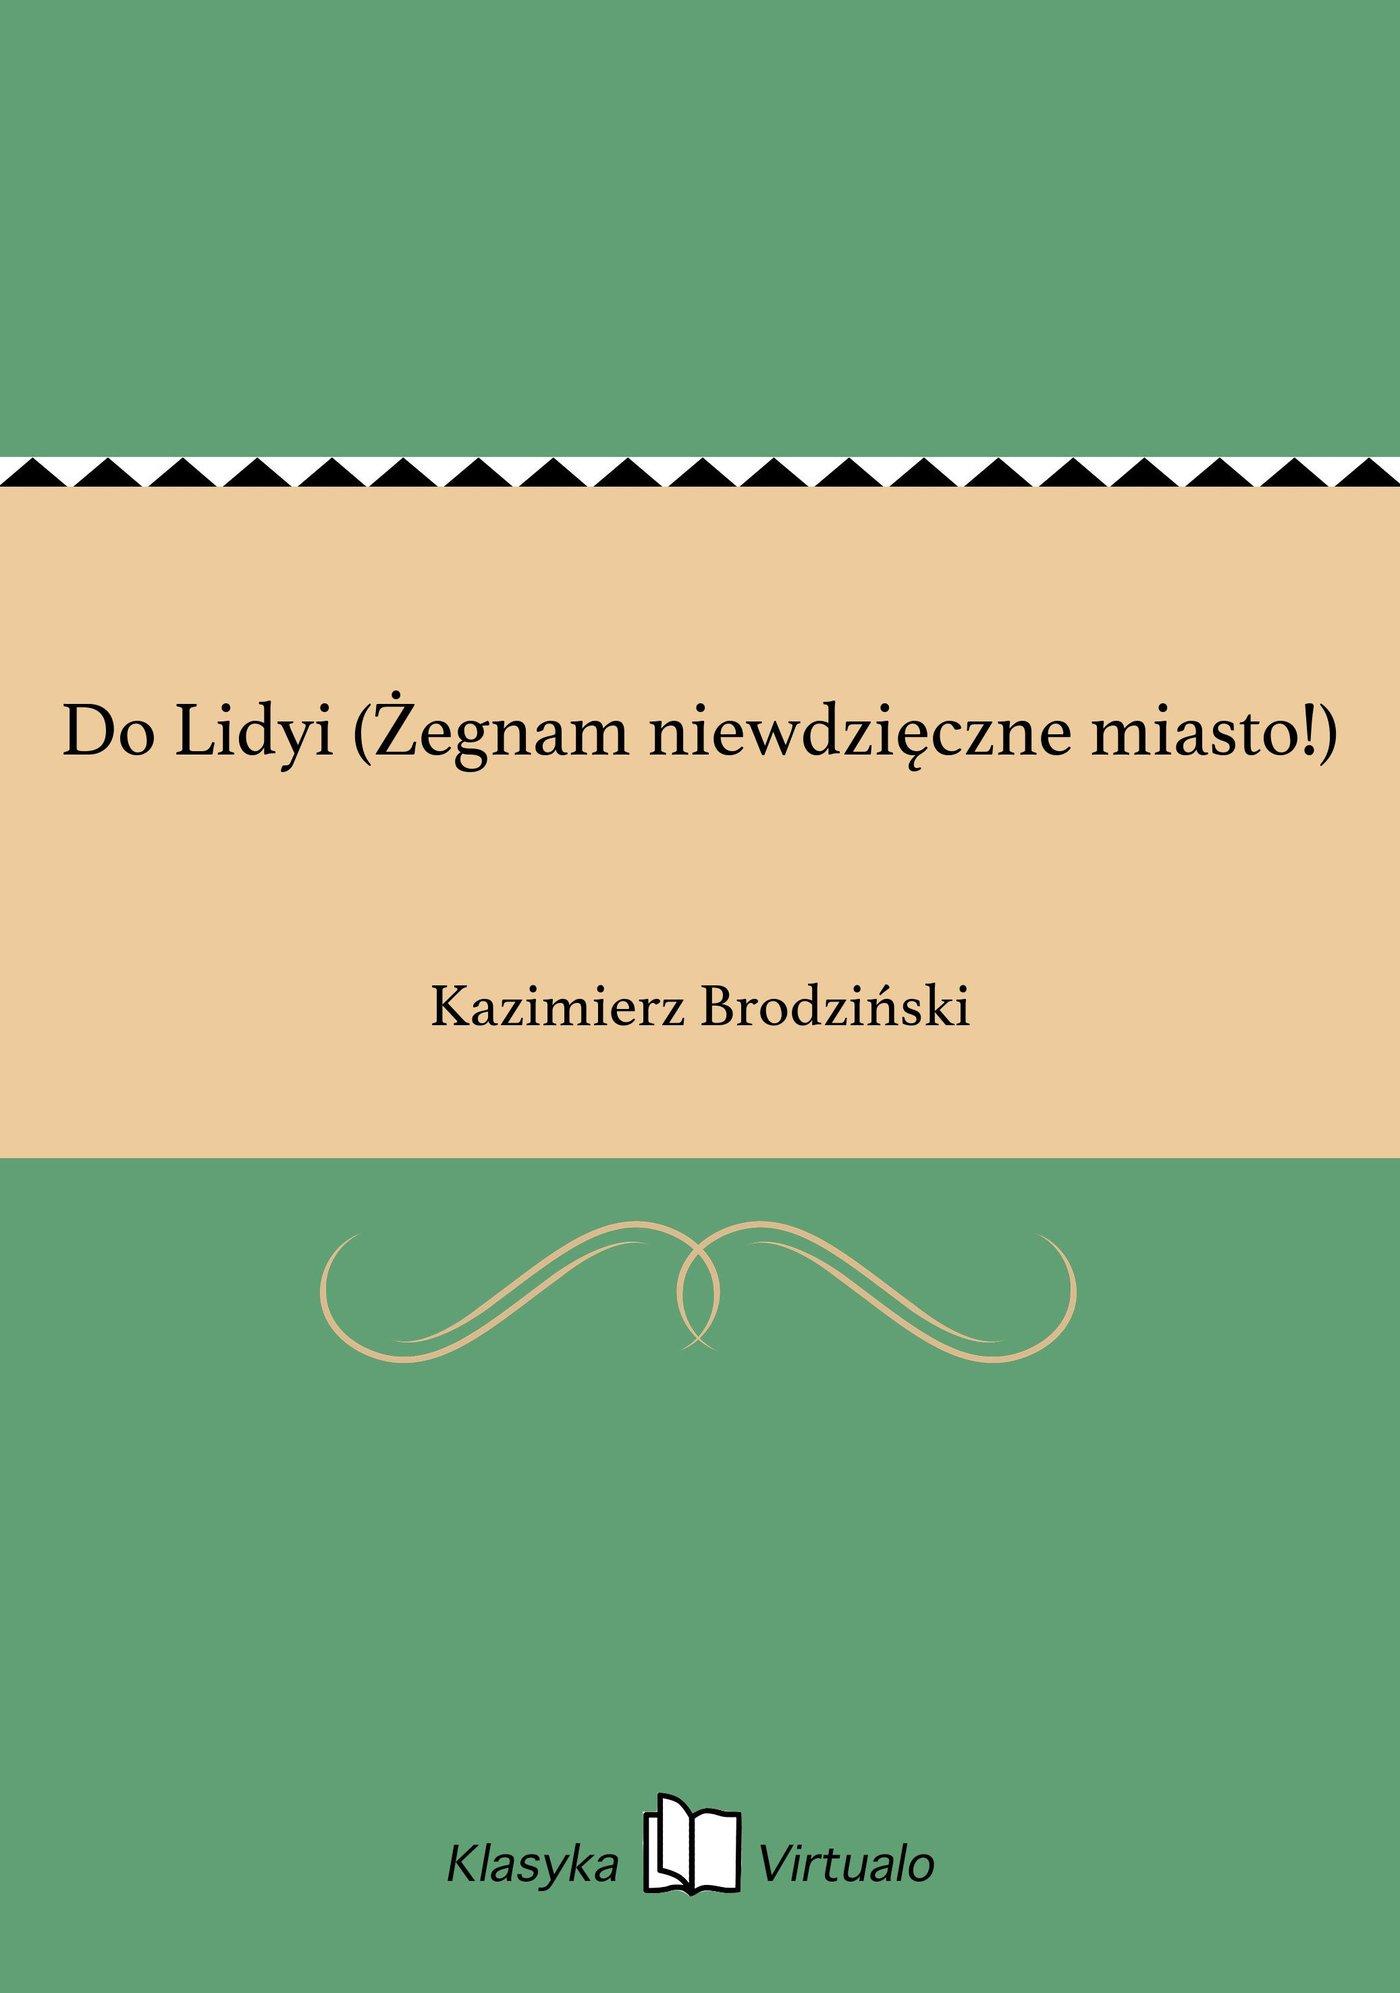 Do Lidyi (Żegnam niewdzięczne miasto!) - Ebook (Książka EPUB) do pobrania w formacie EPUB